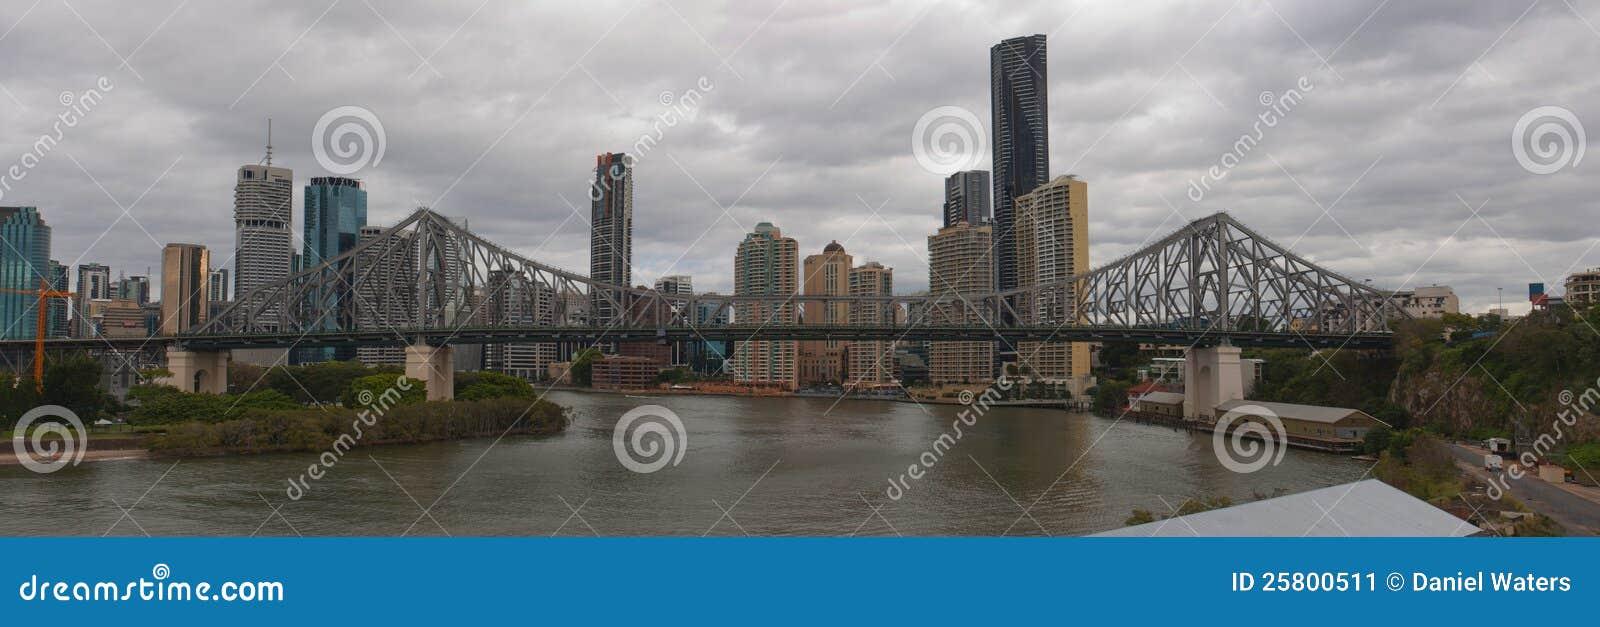 Puente Brisbane de la historia